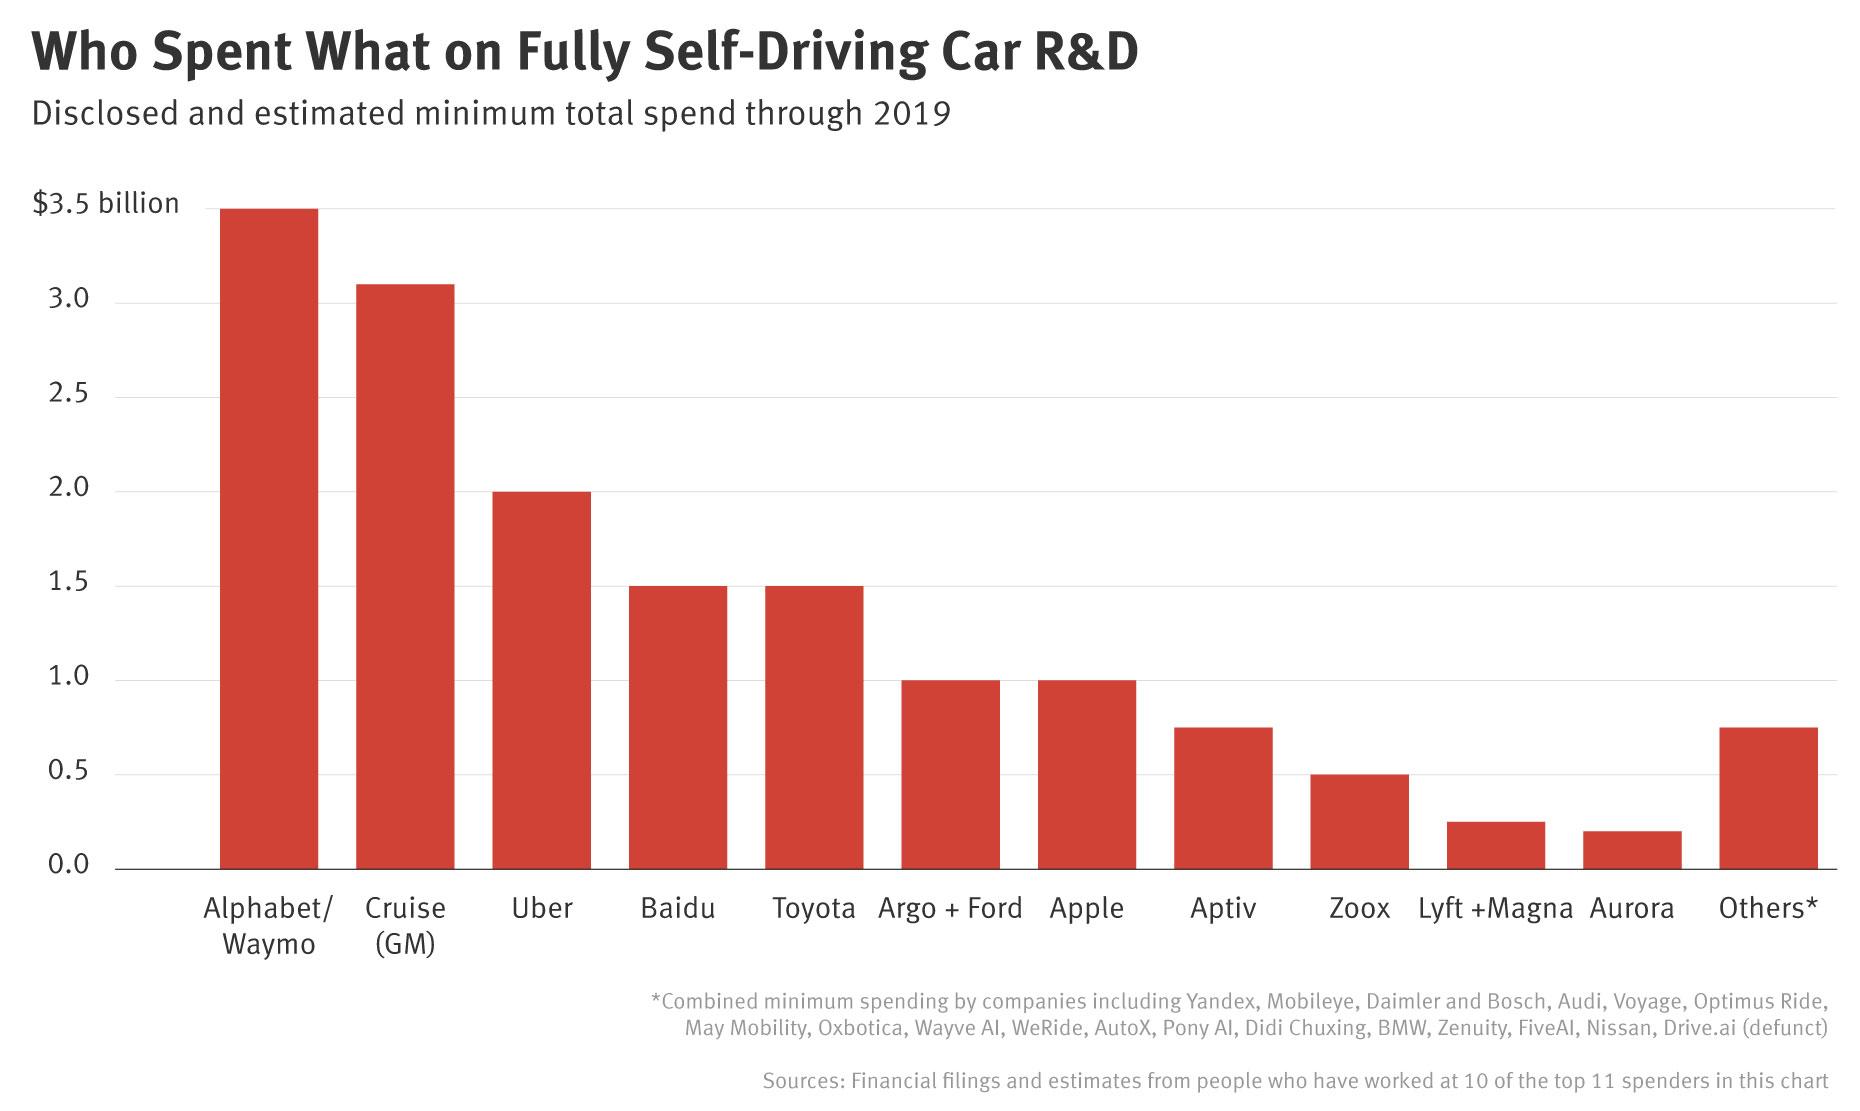 Self-Driving Autonomous Car Spending